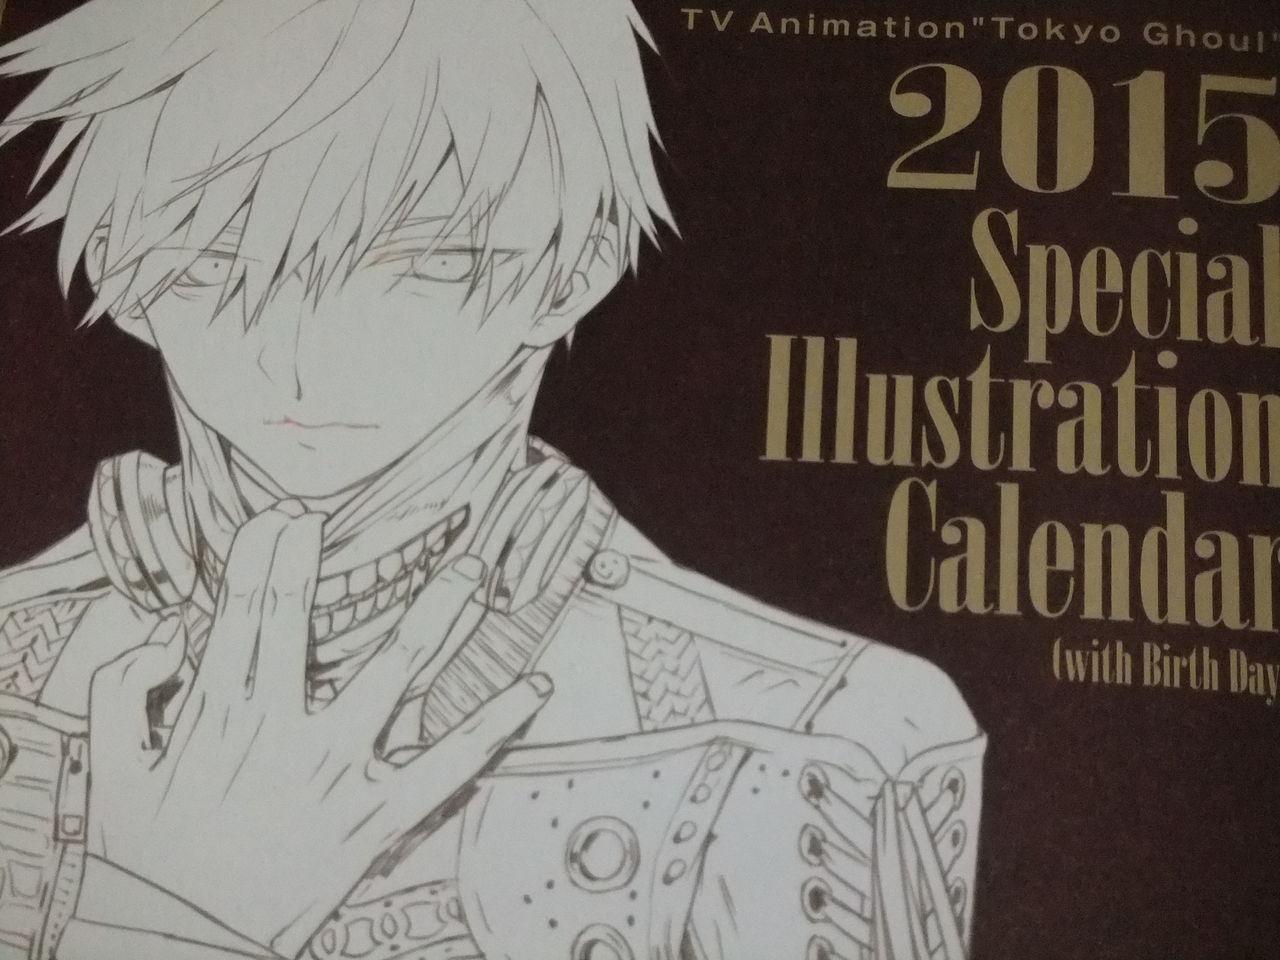 また、付録として「東京喰種スペシャルイラストレーションカレンダー2015」がついています。